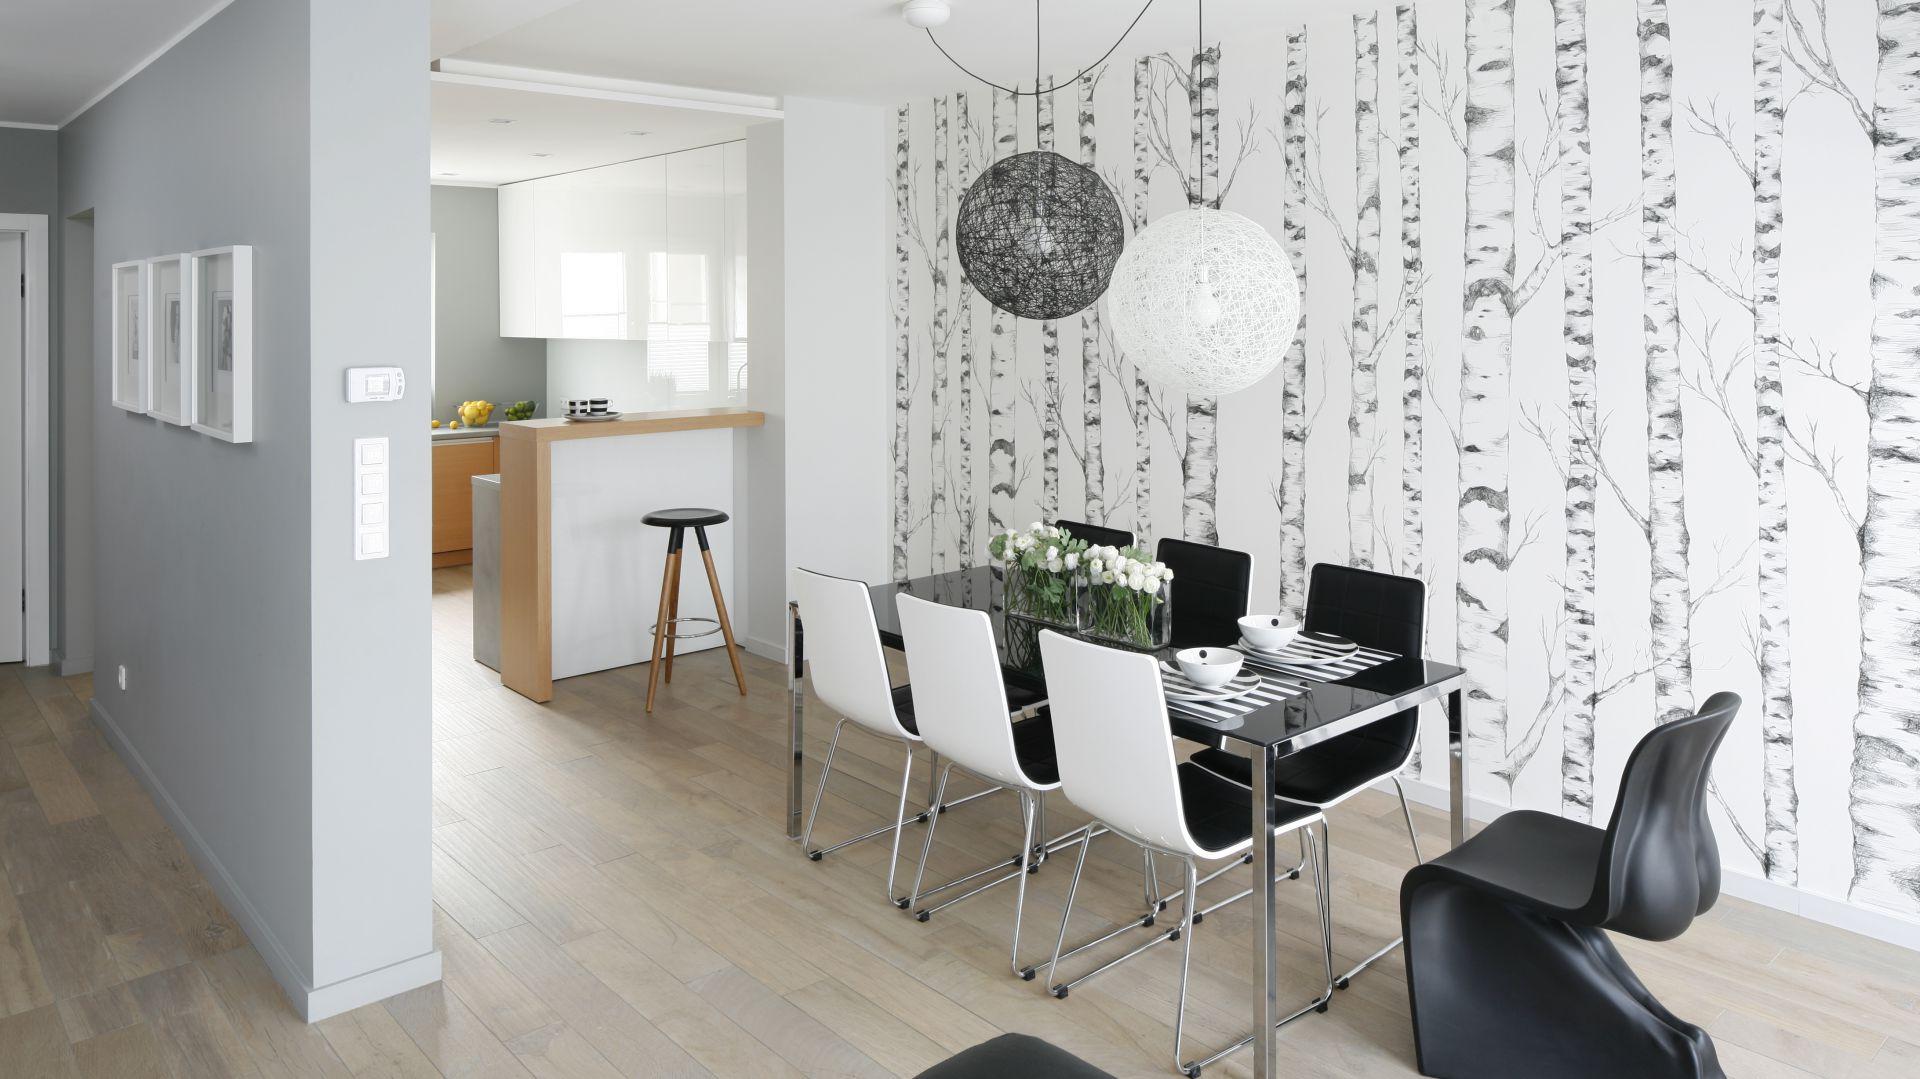 Jadalnia w kolorach czerni i bieli. Stół jadalniany z czarnym, połyskującym blatem i czarno-białe krzesła komponują się z motywem brzóz na ścianie i oświetleniem. Biel koresponduje z meblami kuchennymi, czerń pasuje do wyłaniających się spoza kadru mebli wypoczynkowych w salonie. Projekt: Beata Kruszyńska. Fot. Bartosz Jarosz.